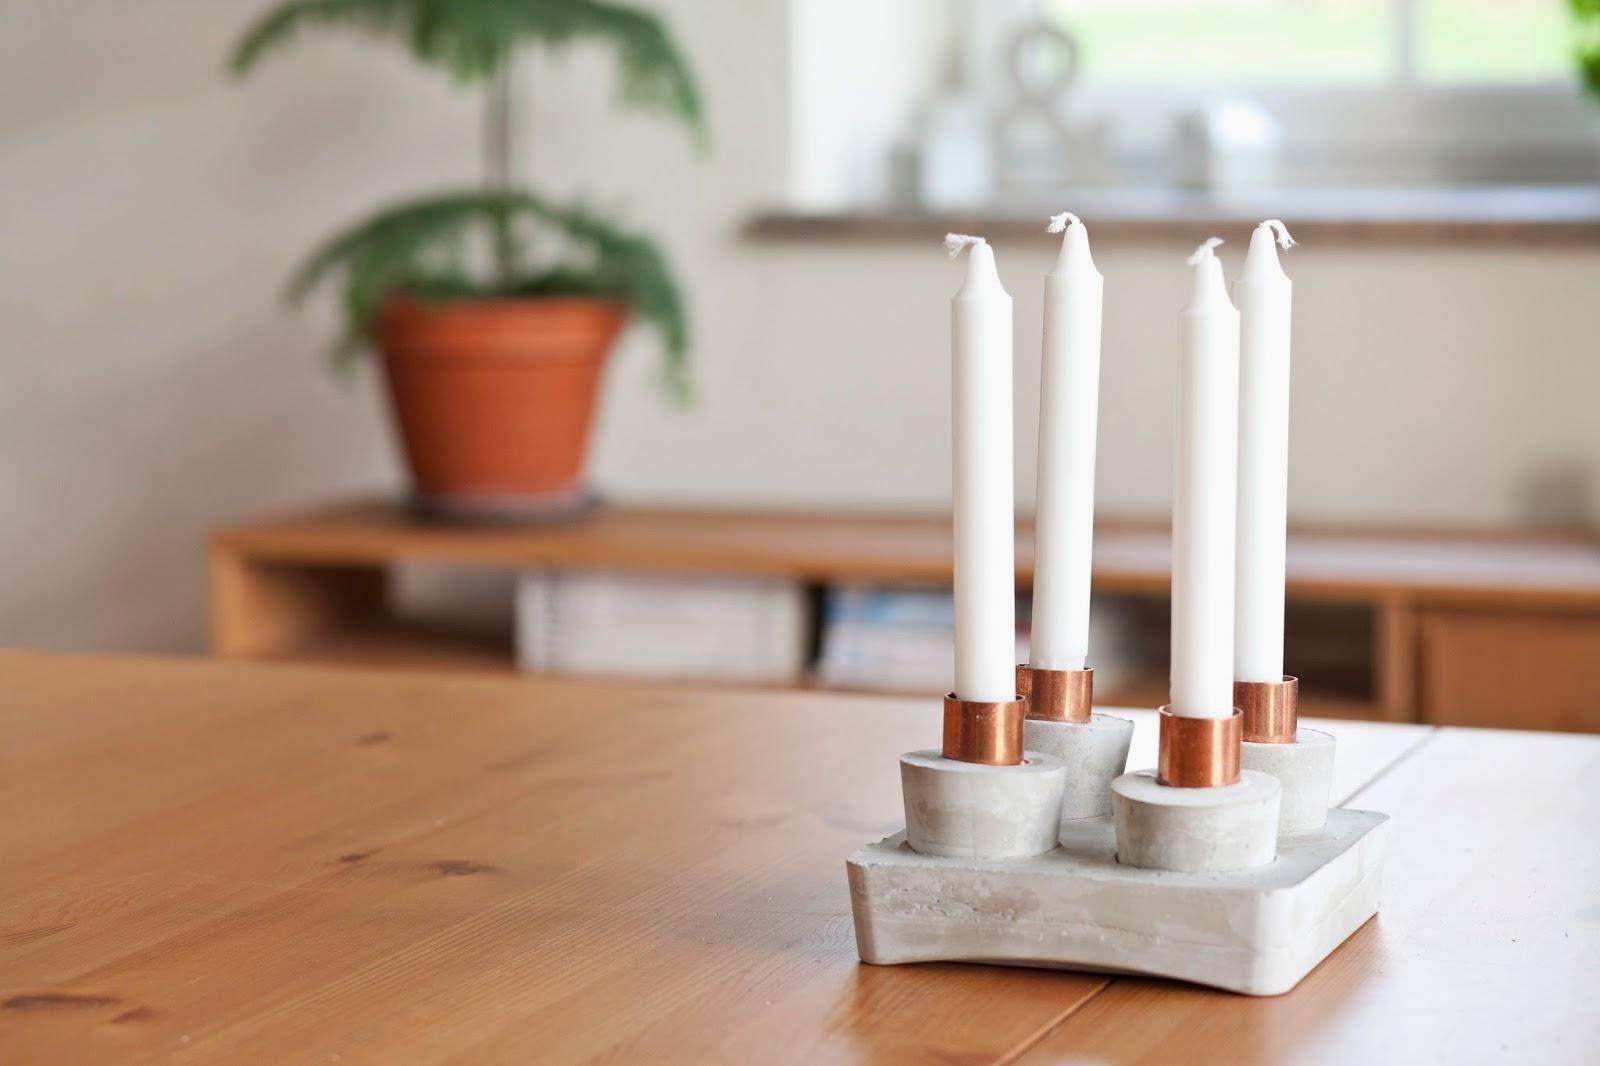 diy weihnachten ein adventkranz aus beton mit kupfer muffen oder ein kerzenst nder mit. Black Bedroom Furniture Sets. Home Design Ideas